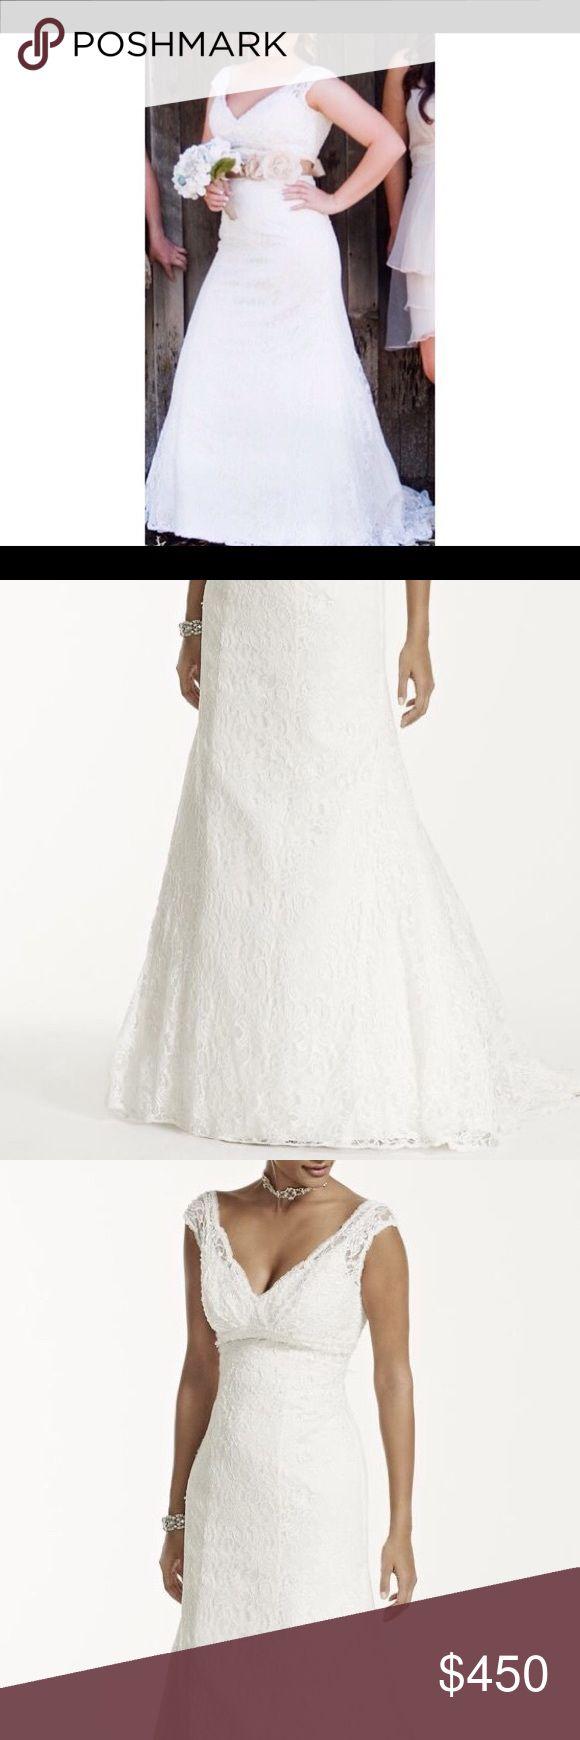 Davids bridal wedding dress Originally $800 dollars. Currently in preservation kit, no defects. davids bridal Dresses Wedding